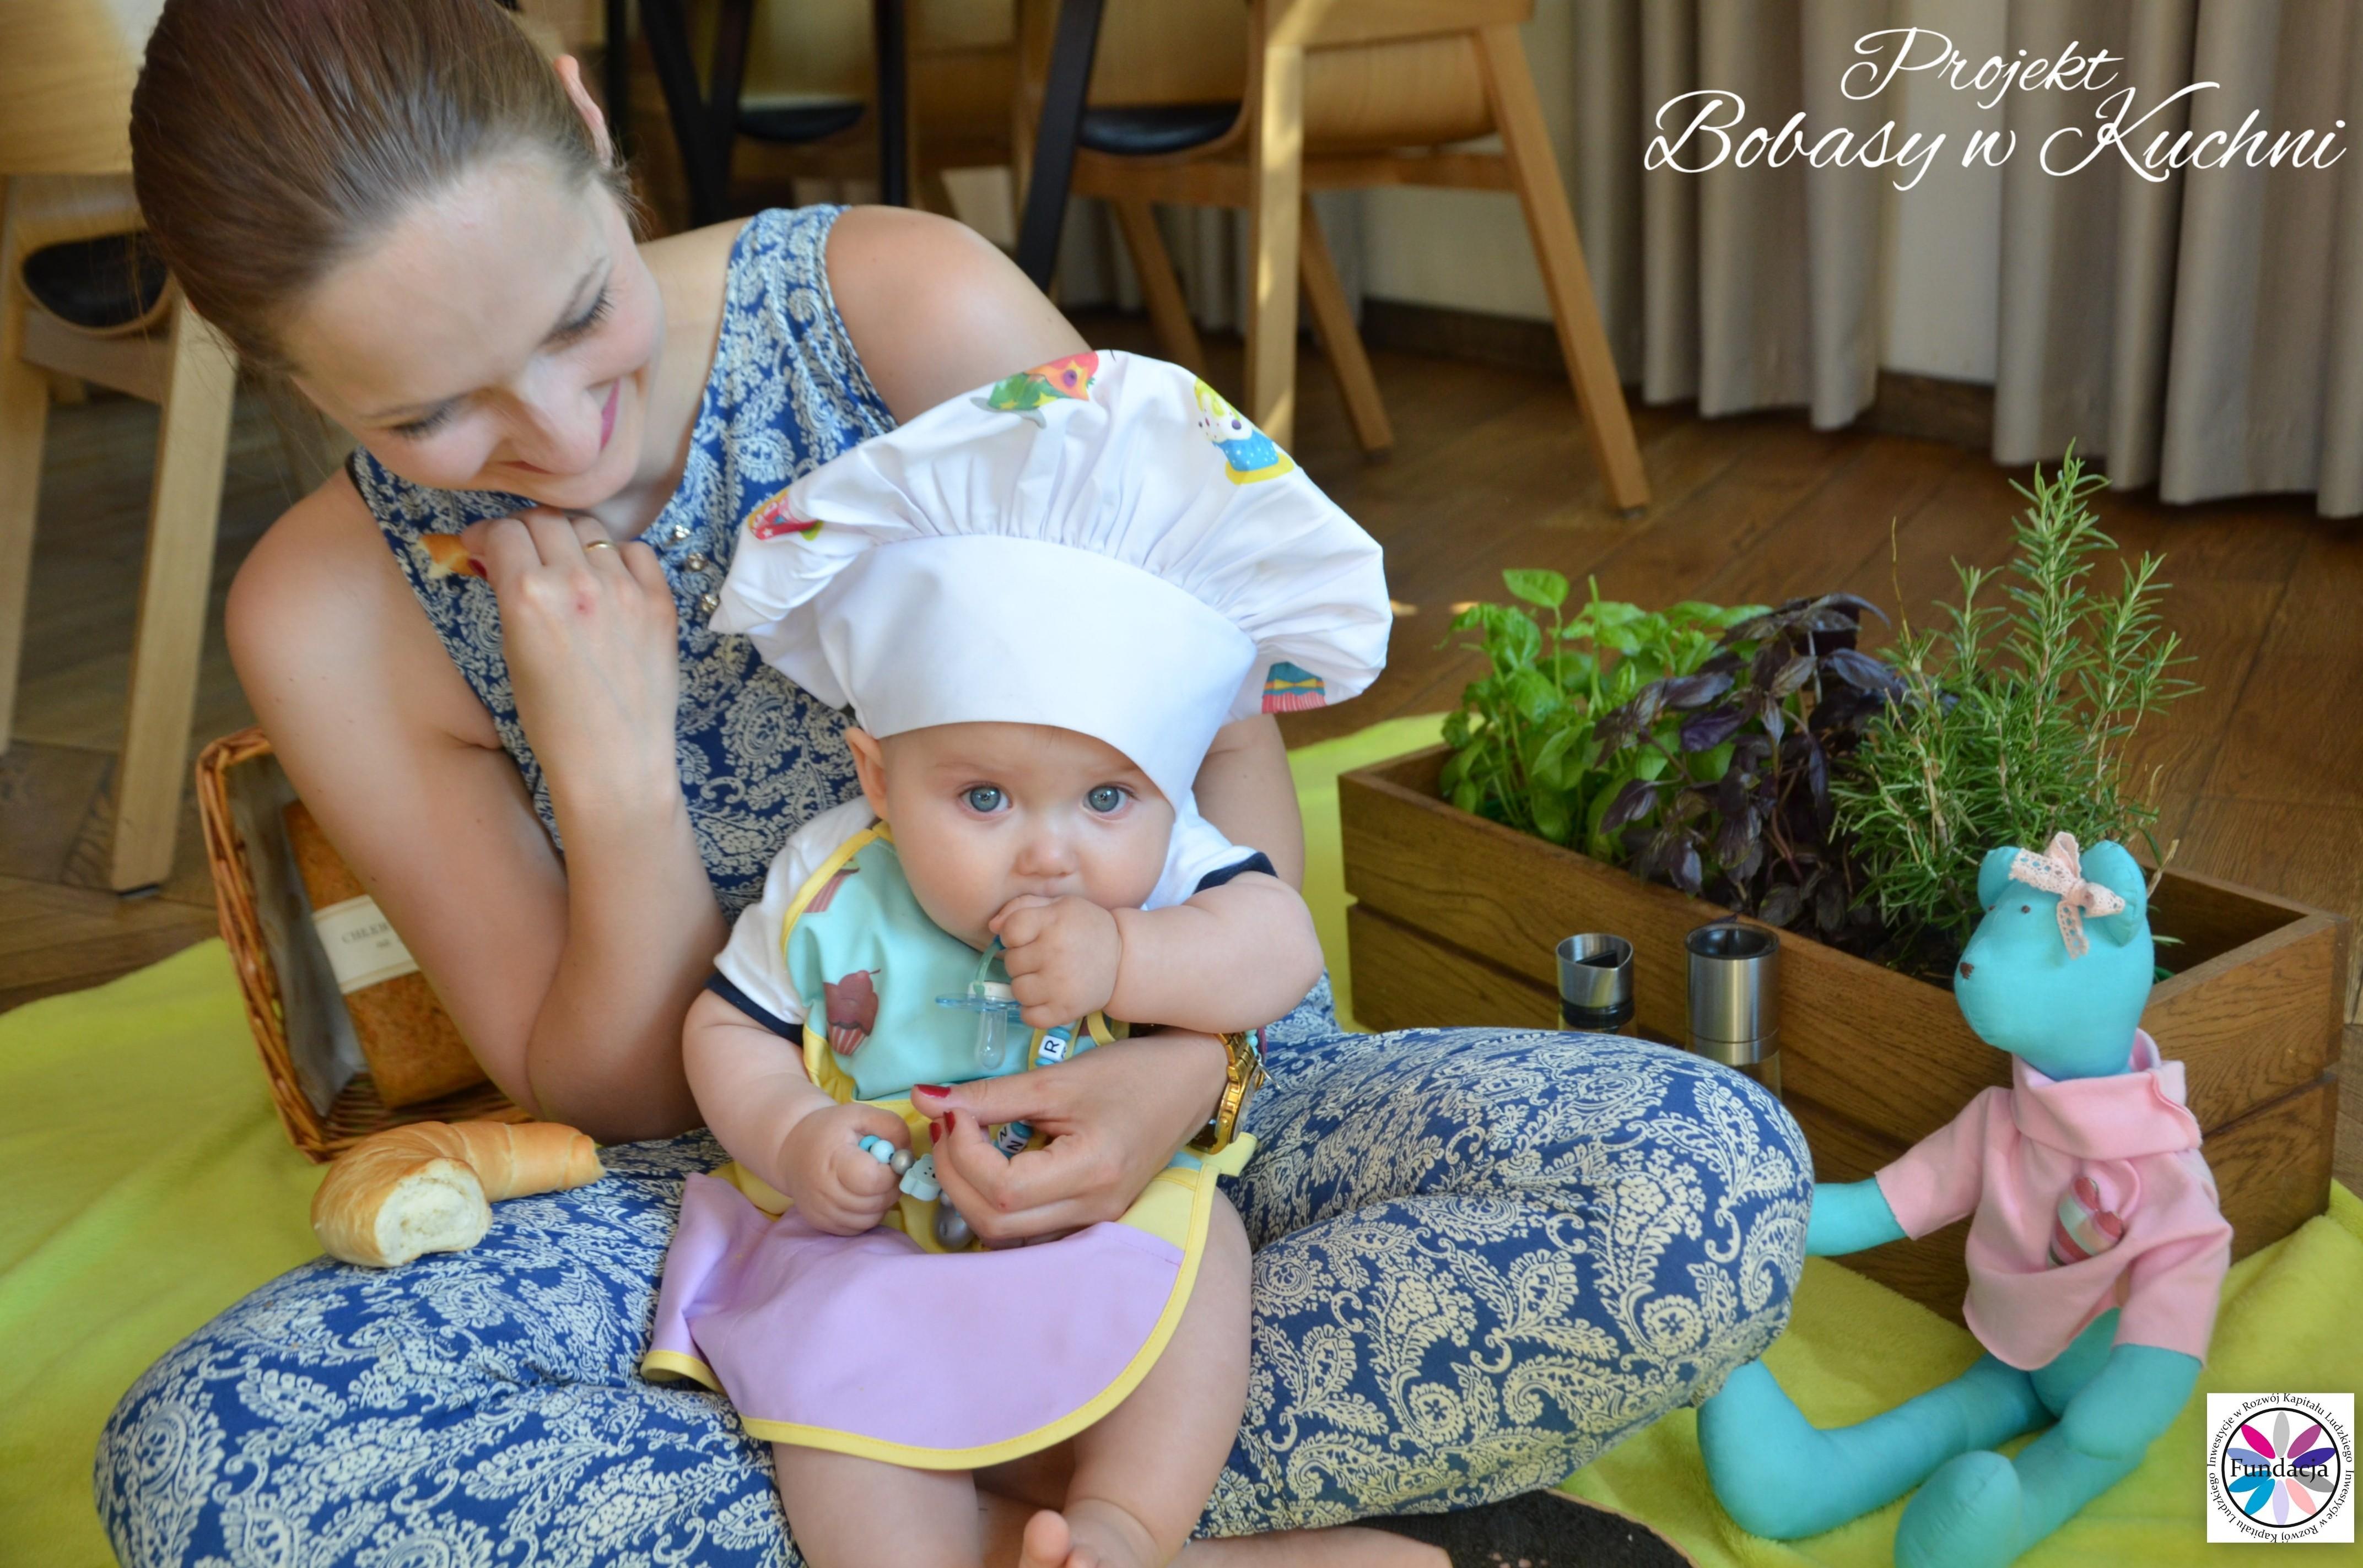 Wiktoria Olczak z Olkiem z projektu Bobasy w Kuchni sesja32